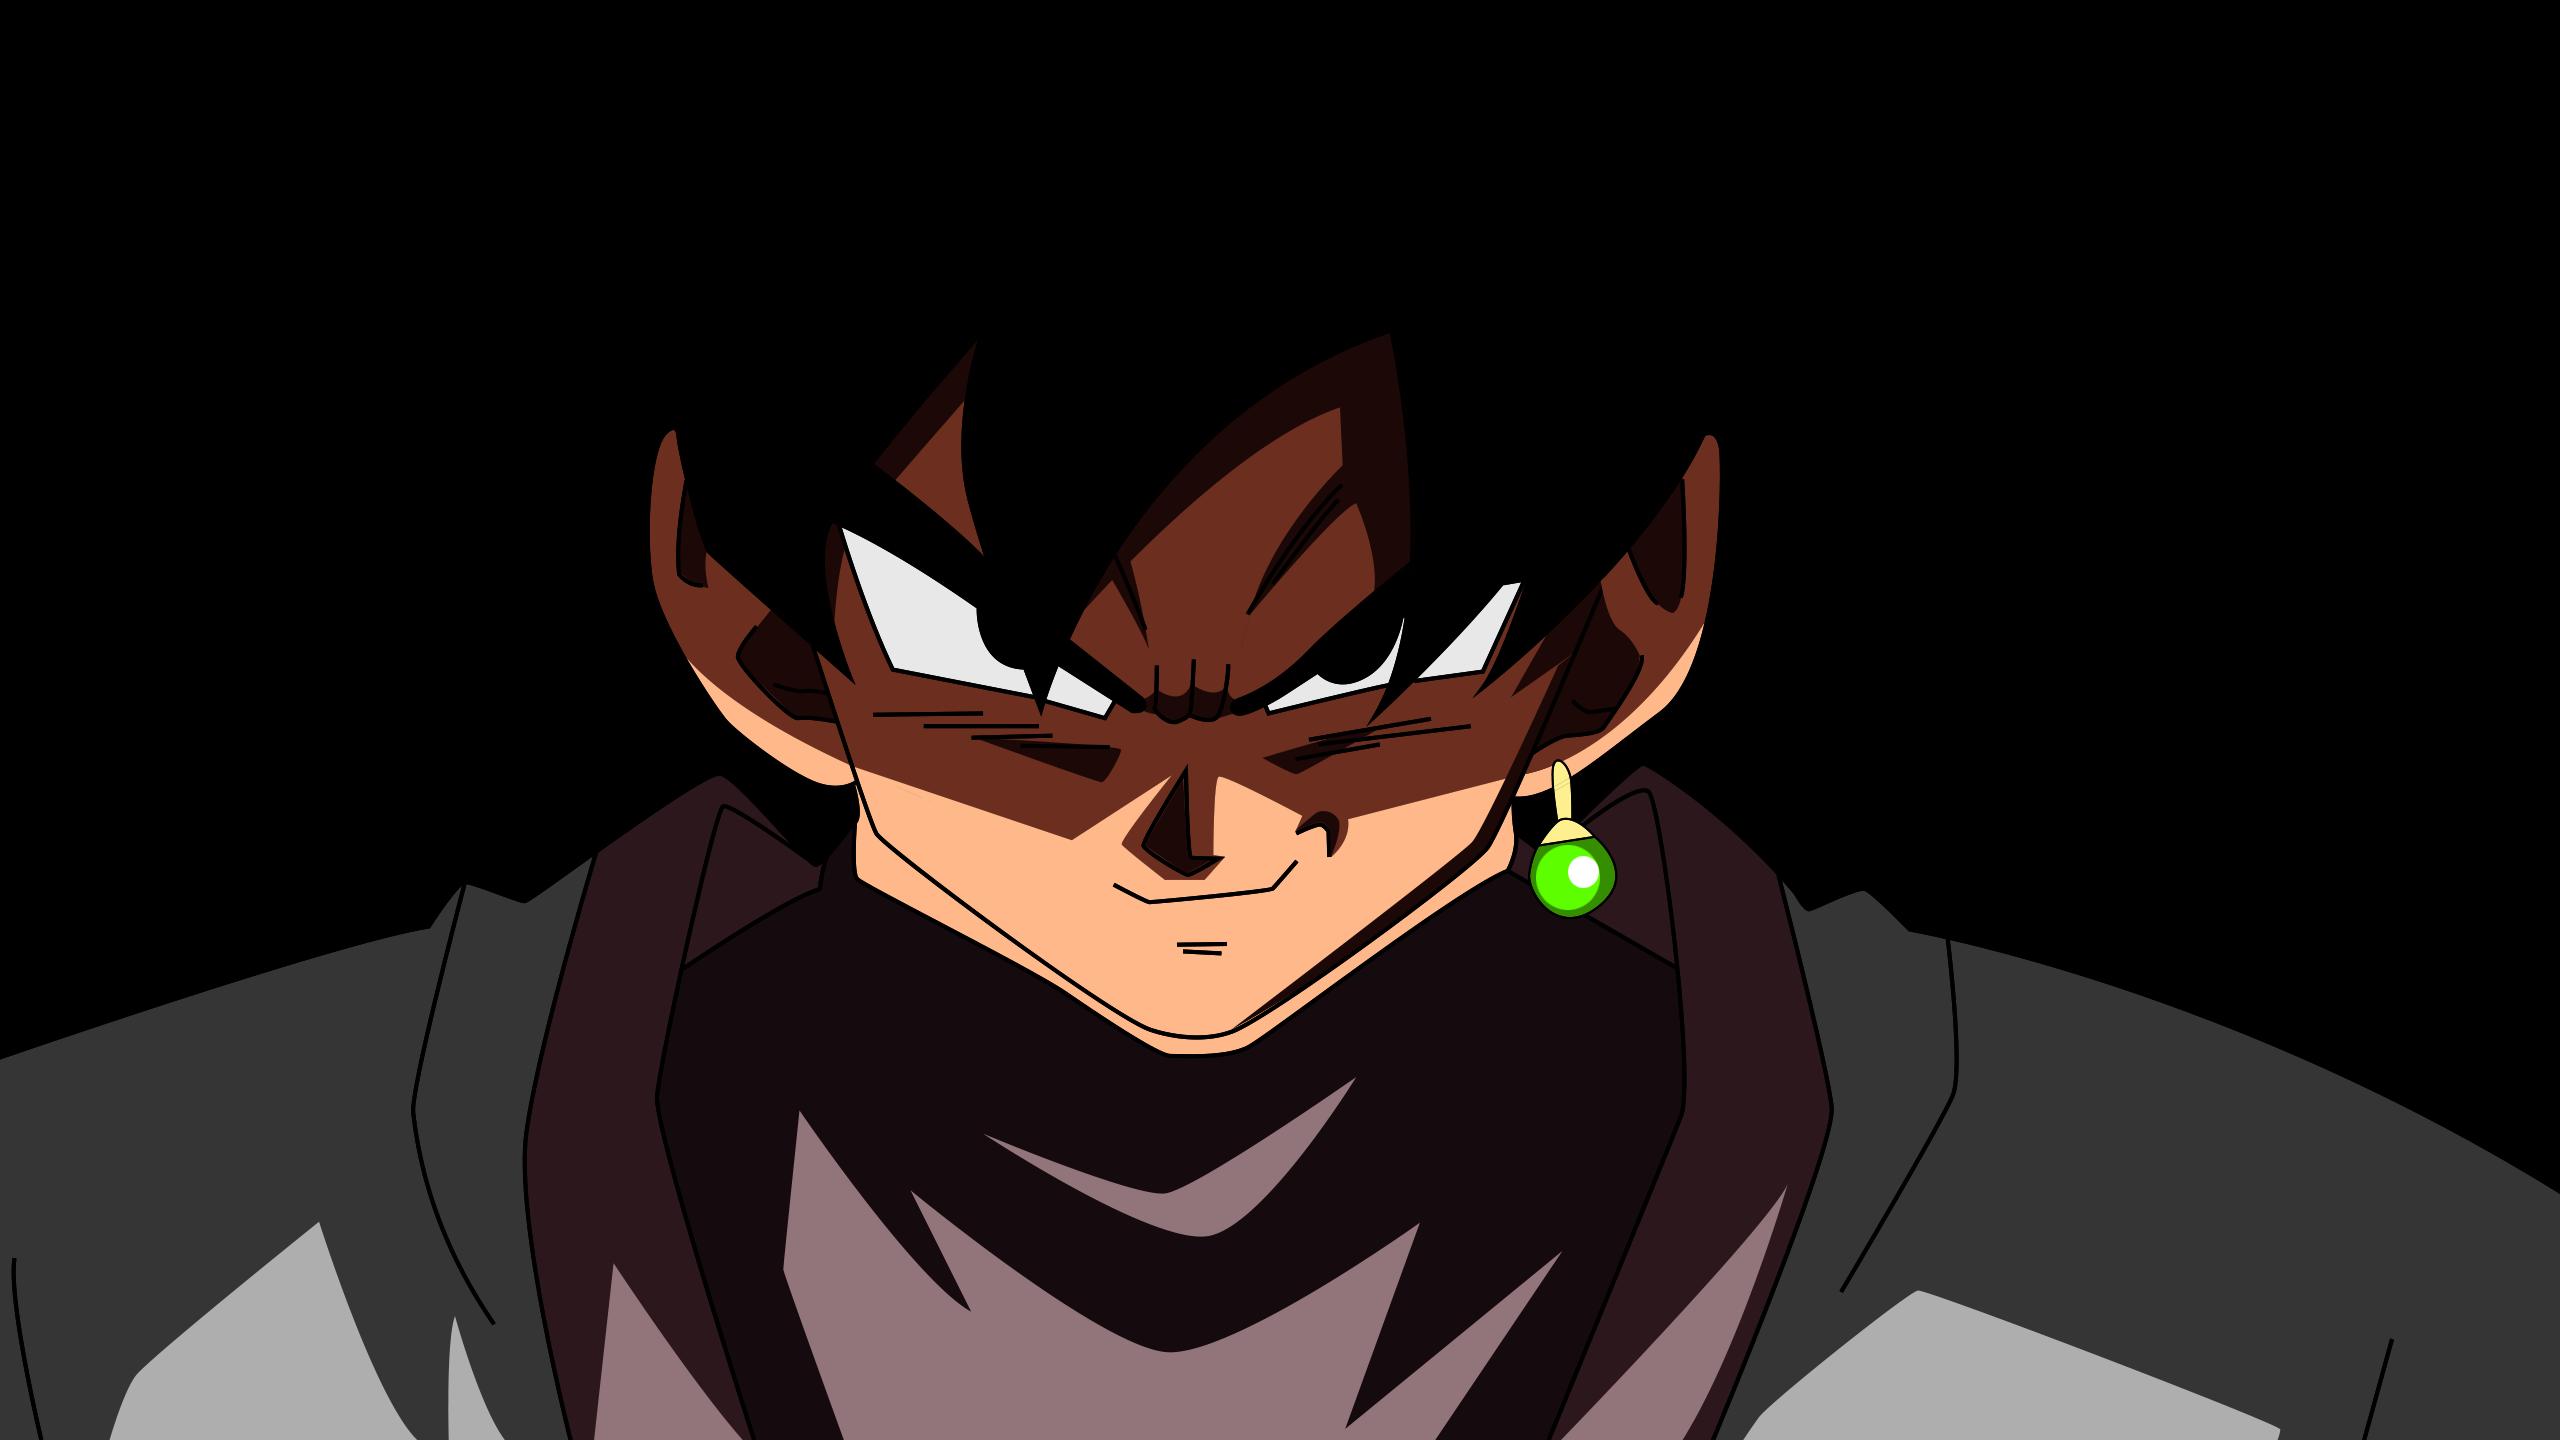 Black Goku Fondo De Pantalla And Fondo De Escritorio: Black Fondo De Pantalla HD